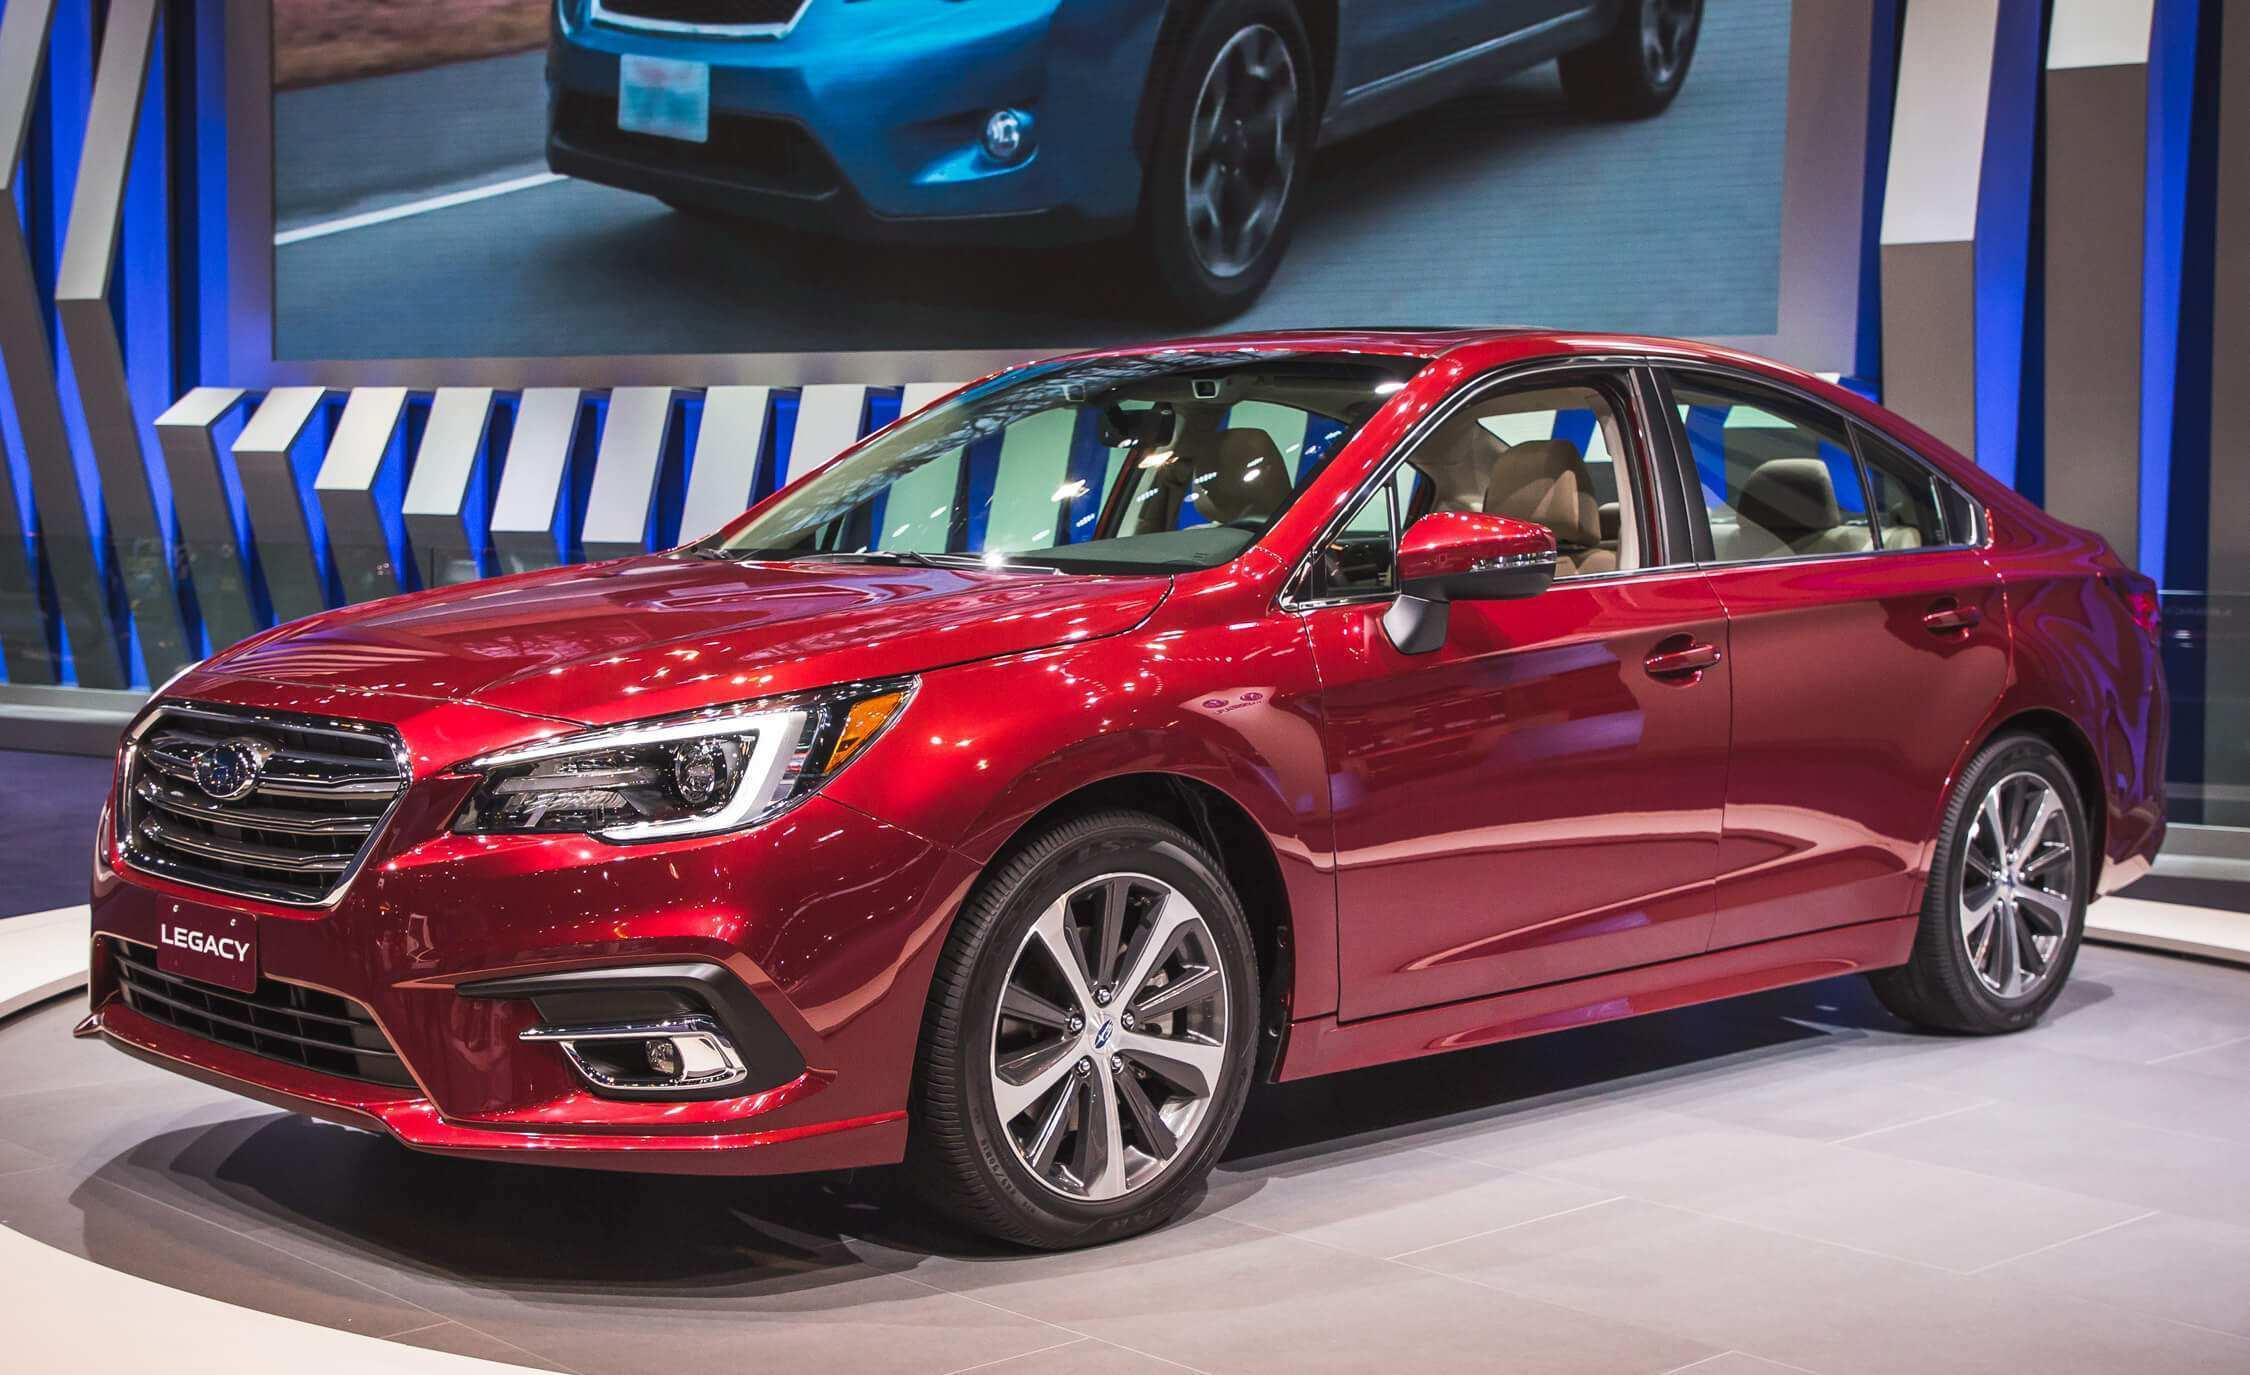 44 Best Review Subaru 2020 Exterior Redesign and Concept for Subaru 2020 Exterior